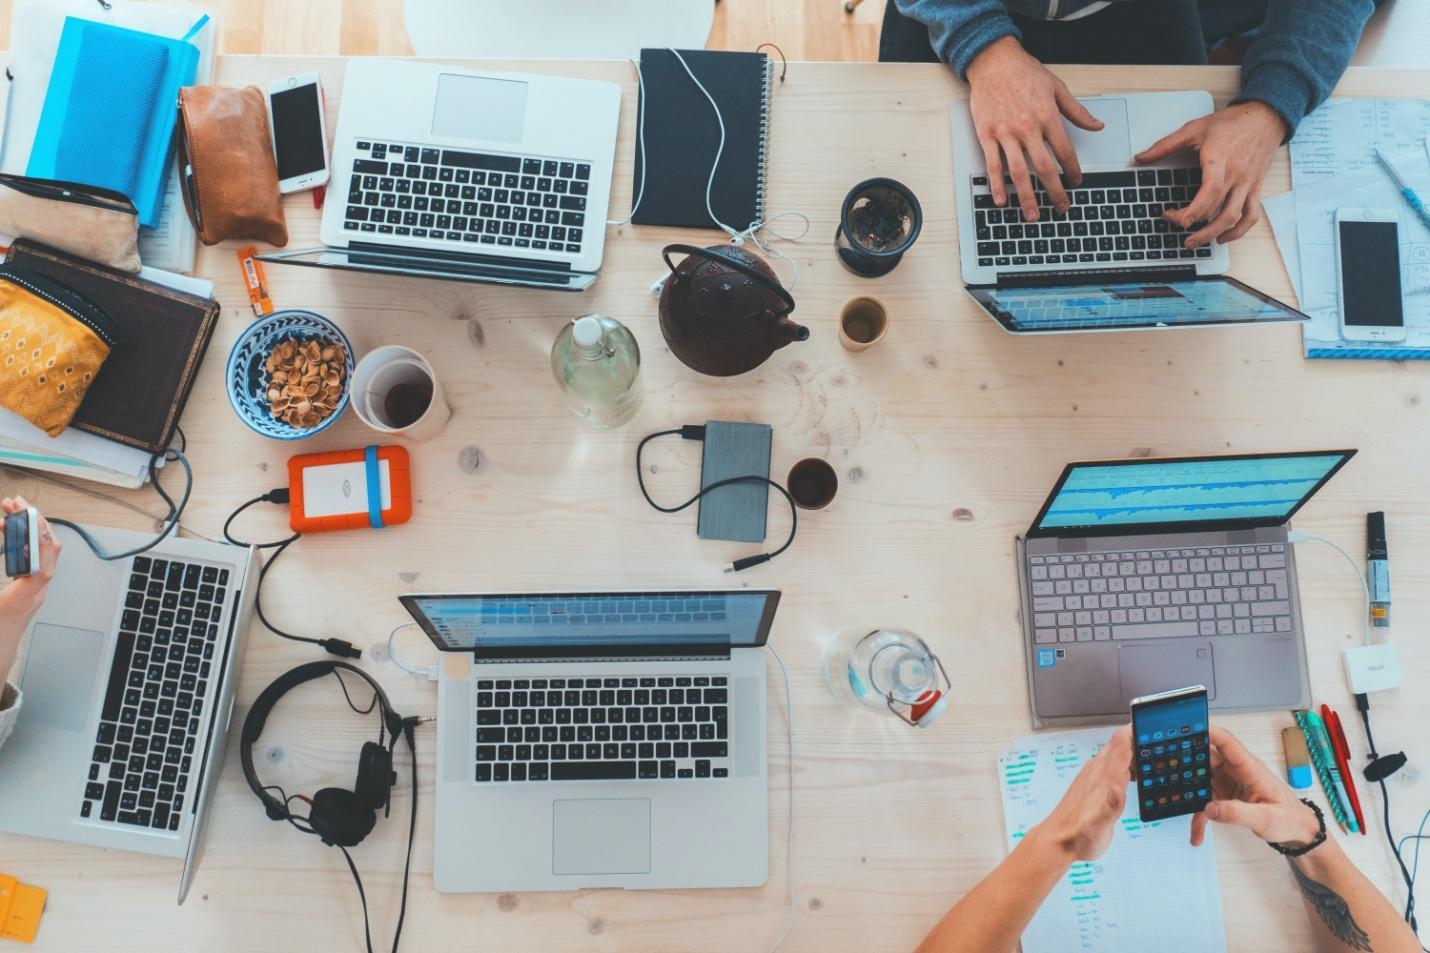 Best Laptop Brands 2021